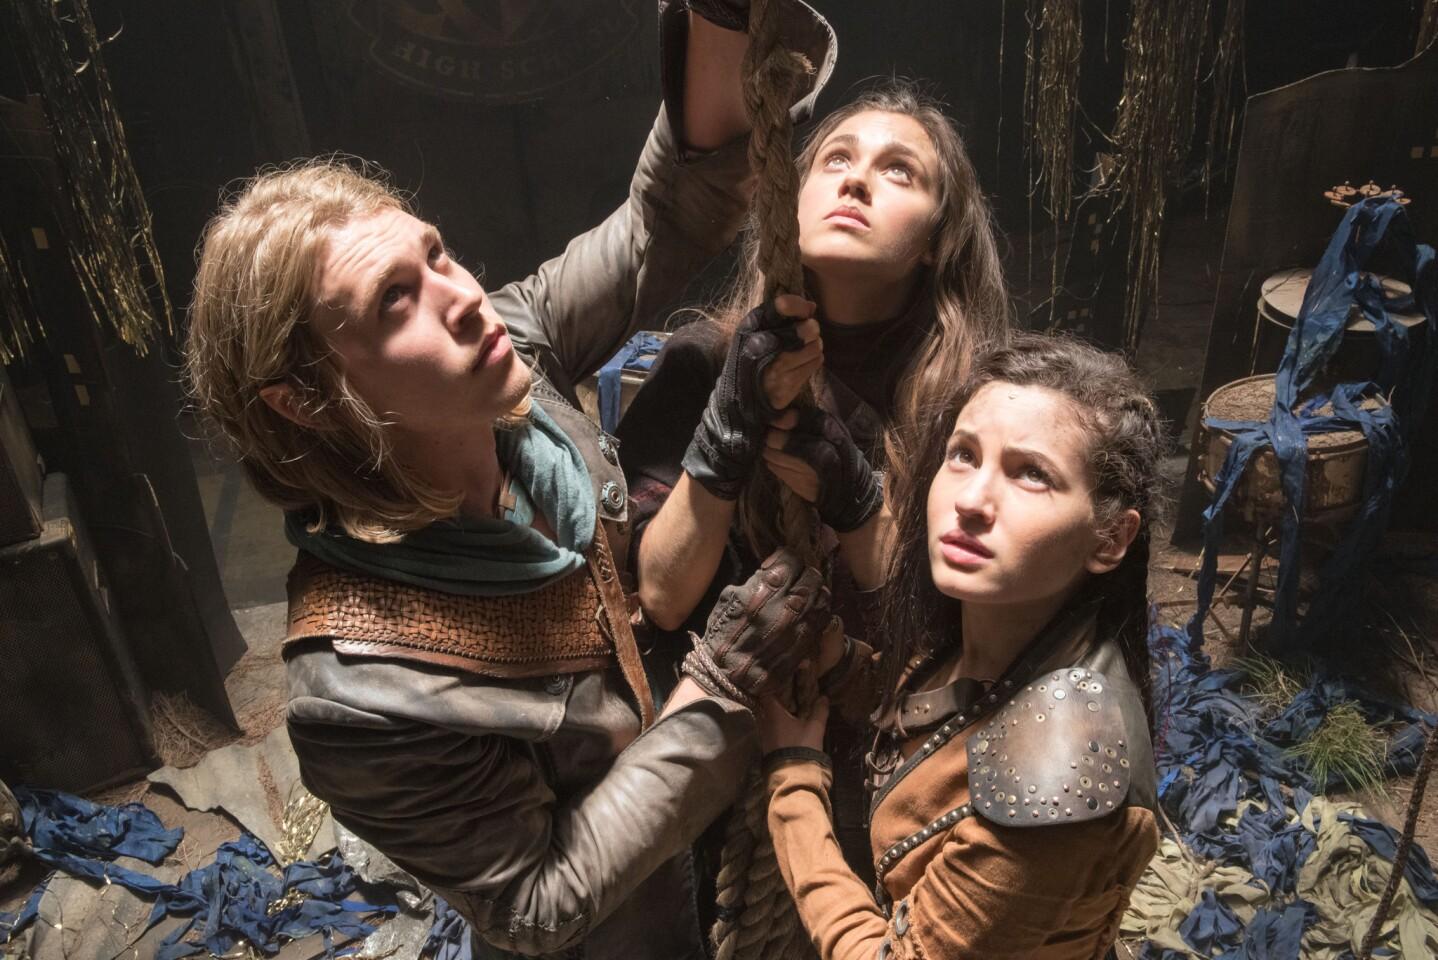 'The Shannara Chronicles'